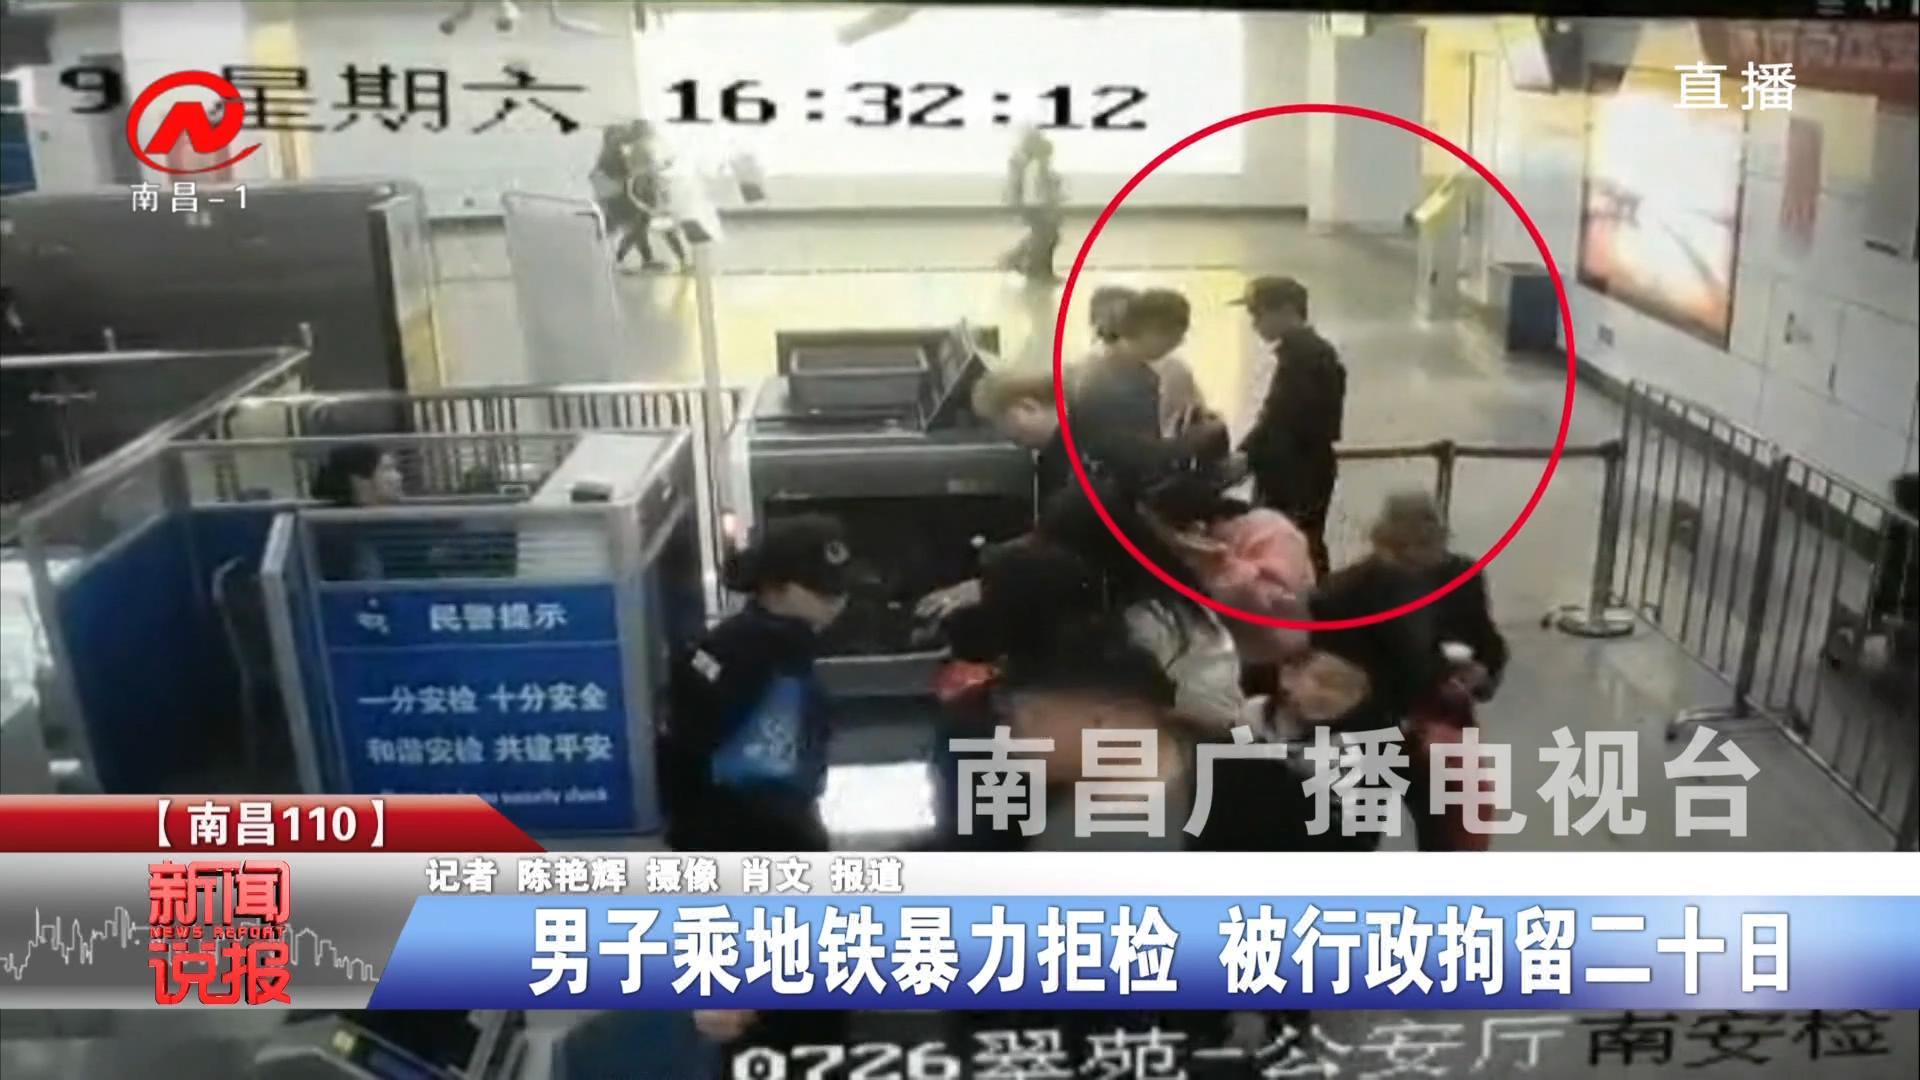 男子乘地铁暴力拒检 被行政拘留二十日